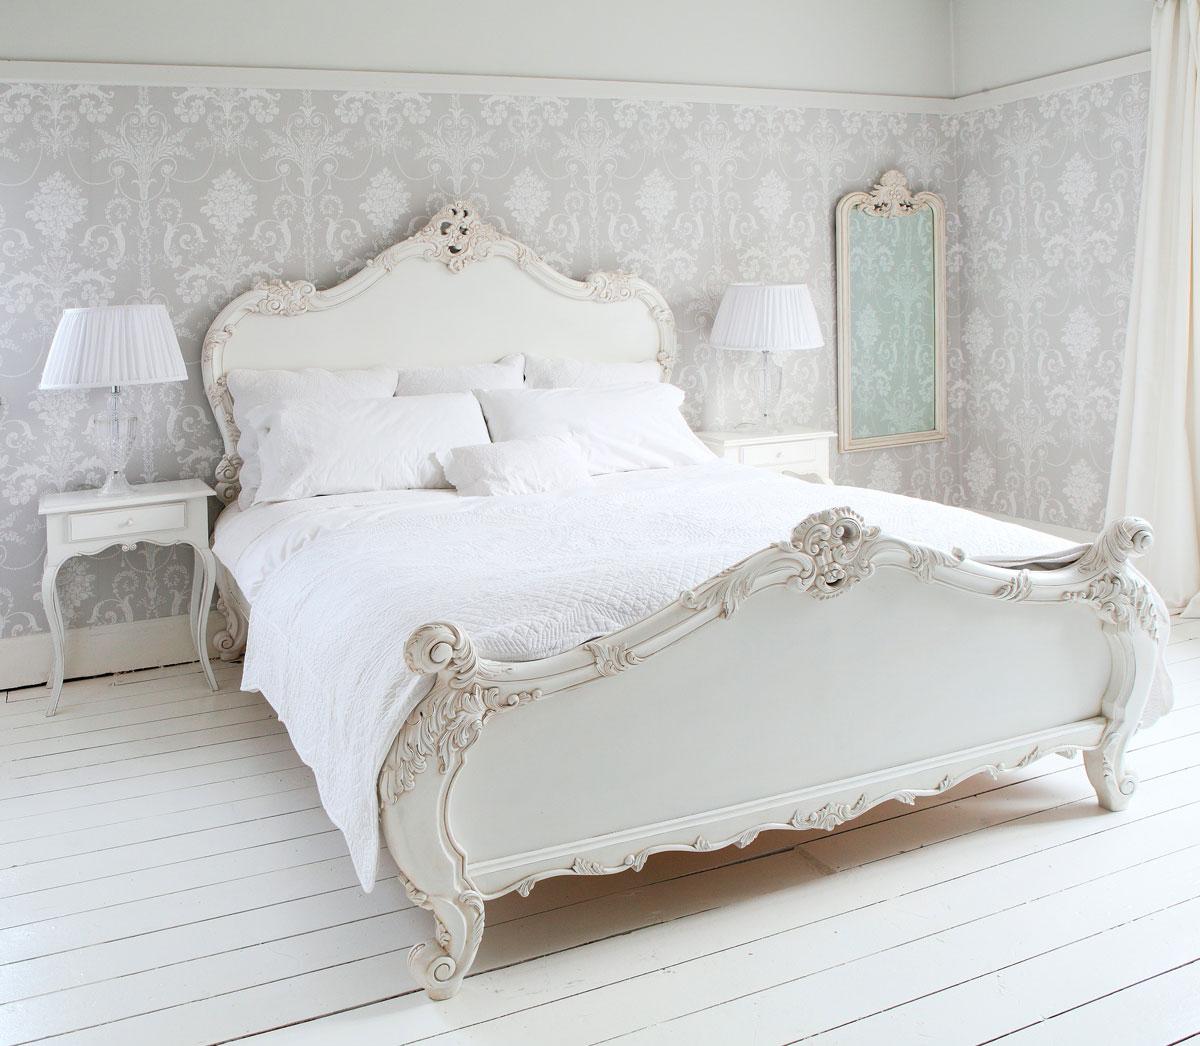 Białe prowansalskie łóżko i szafki nocne we francuskiej sypialni